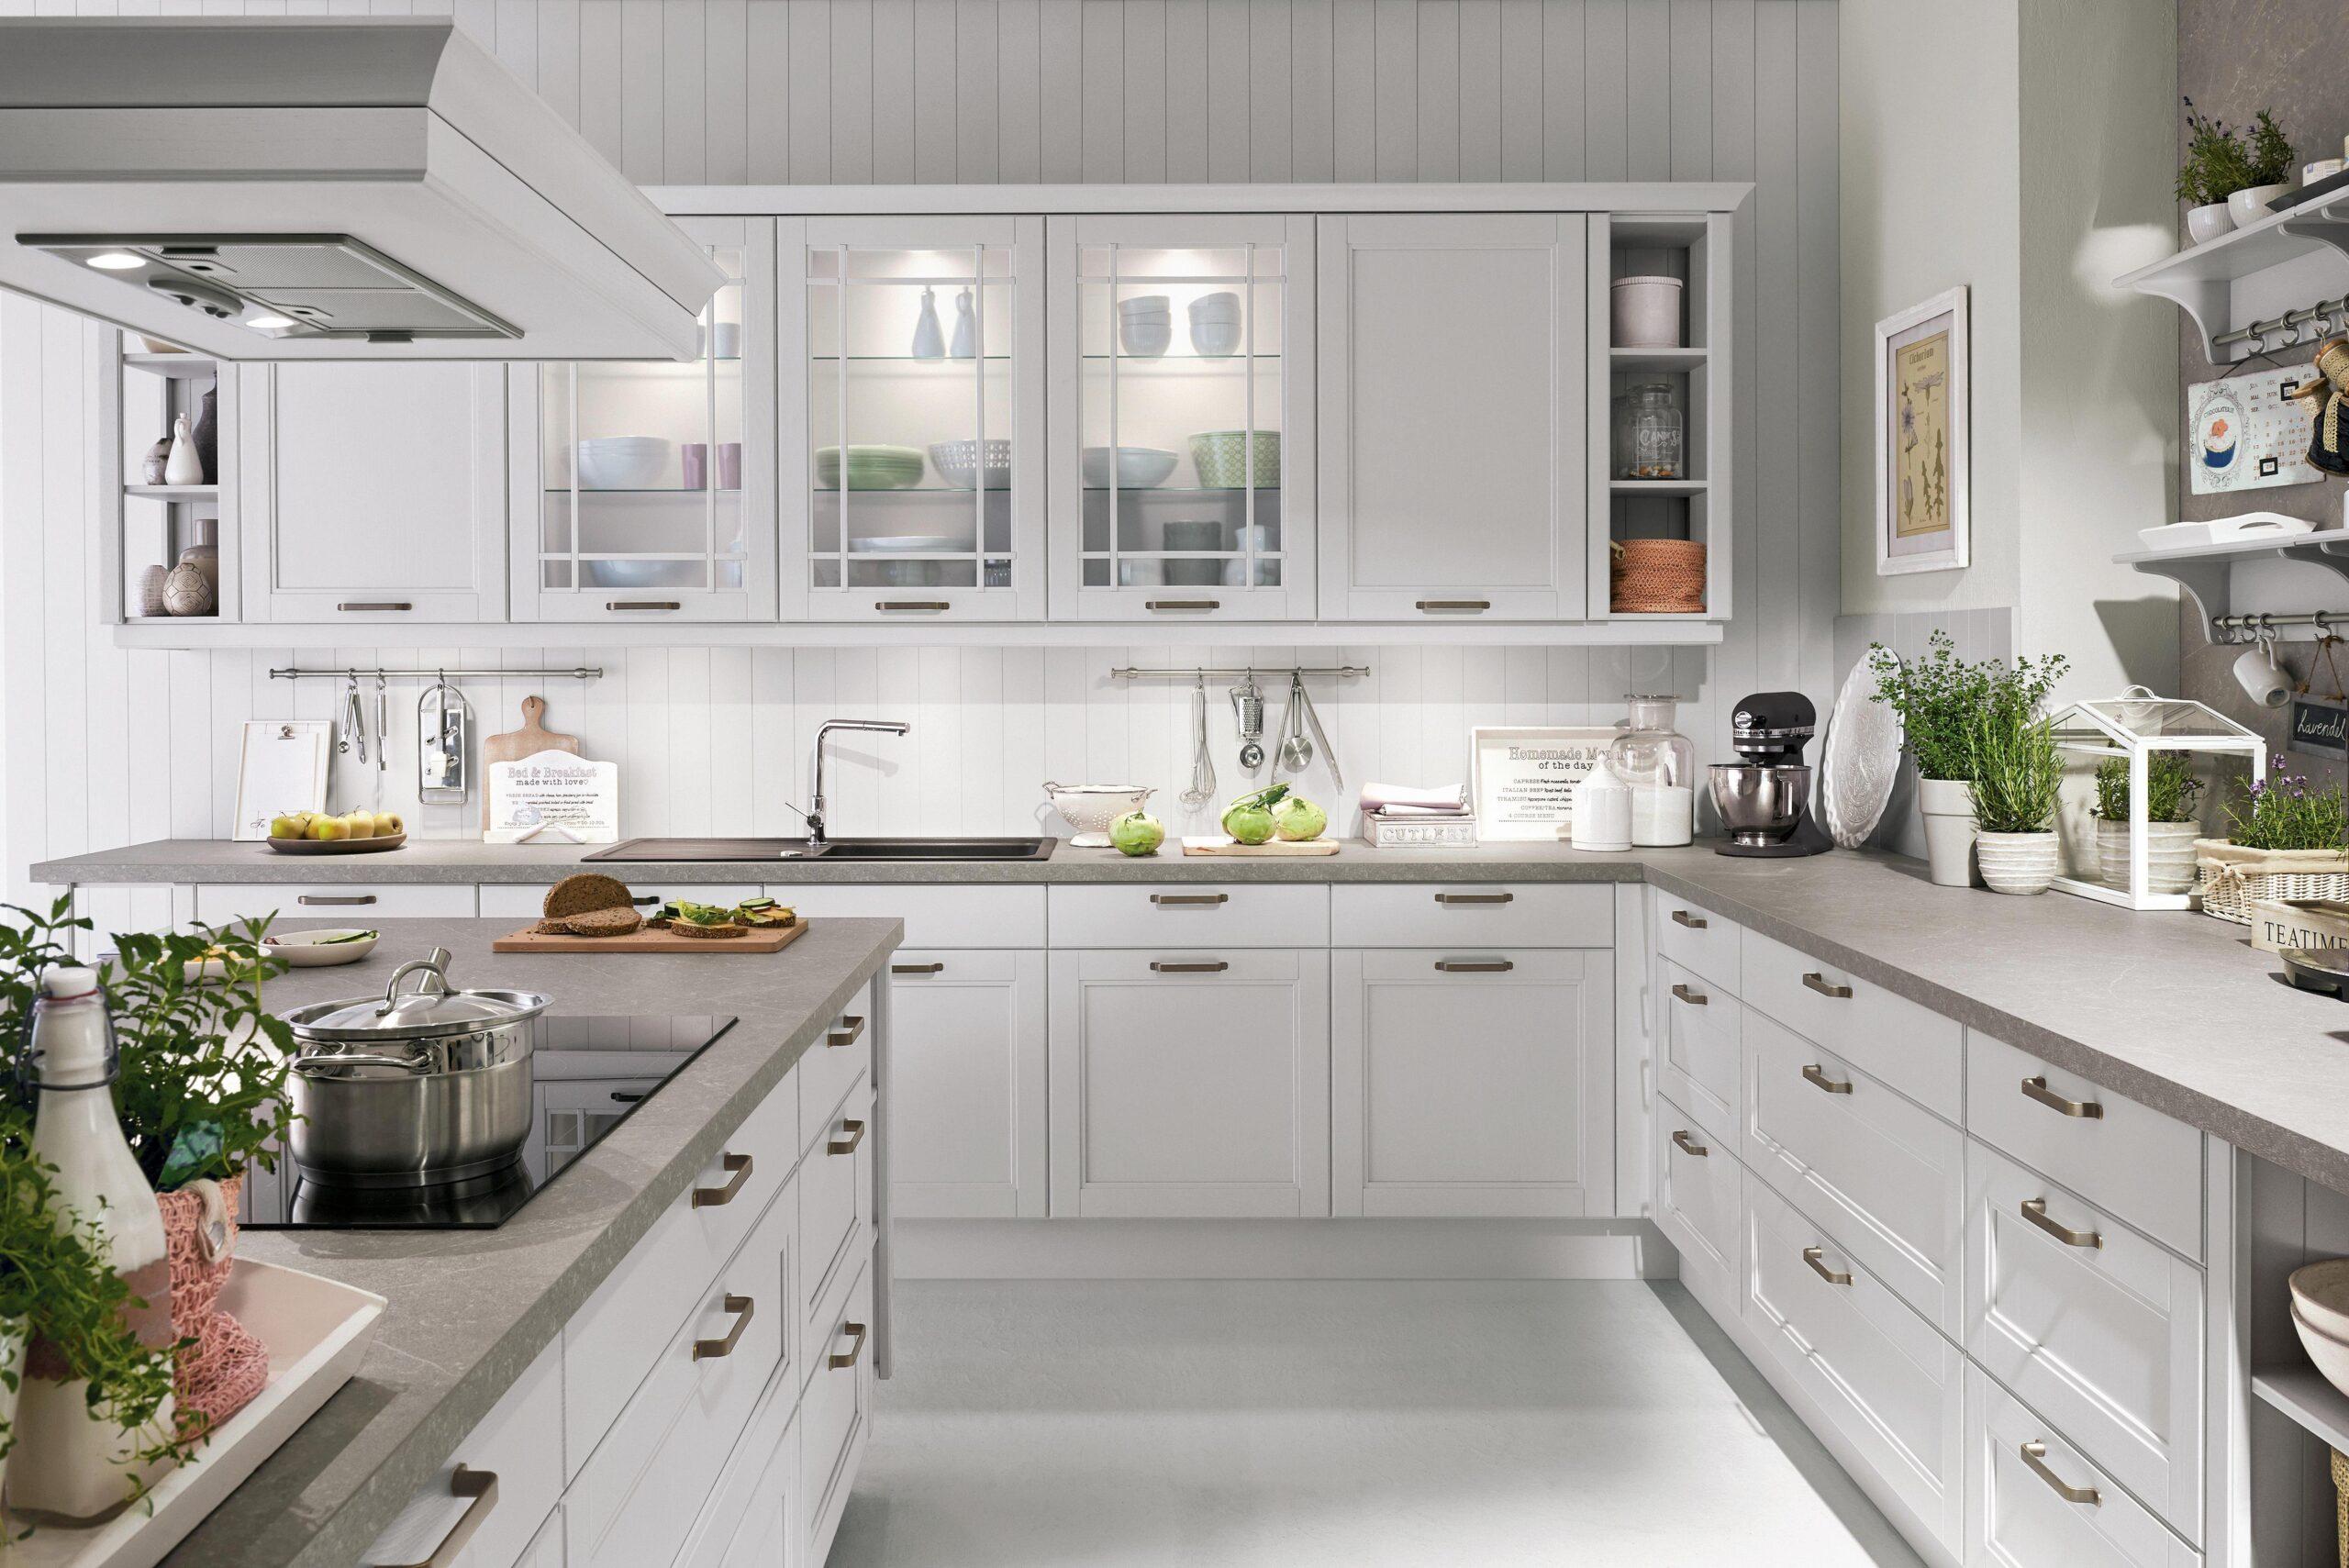 Full Size of Möbelix Küchen Planungskchen Online Entdecken Mbelix Regal Wohnzimmer Möbelix Küchen